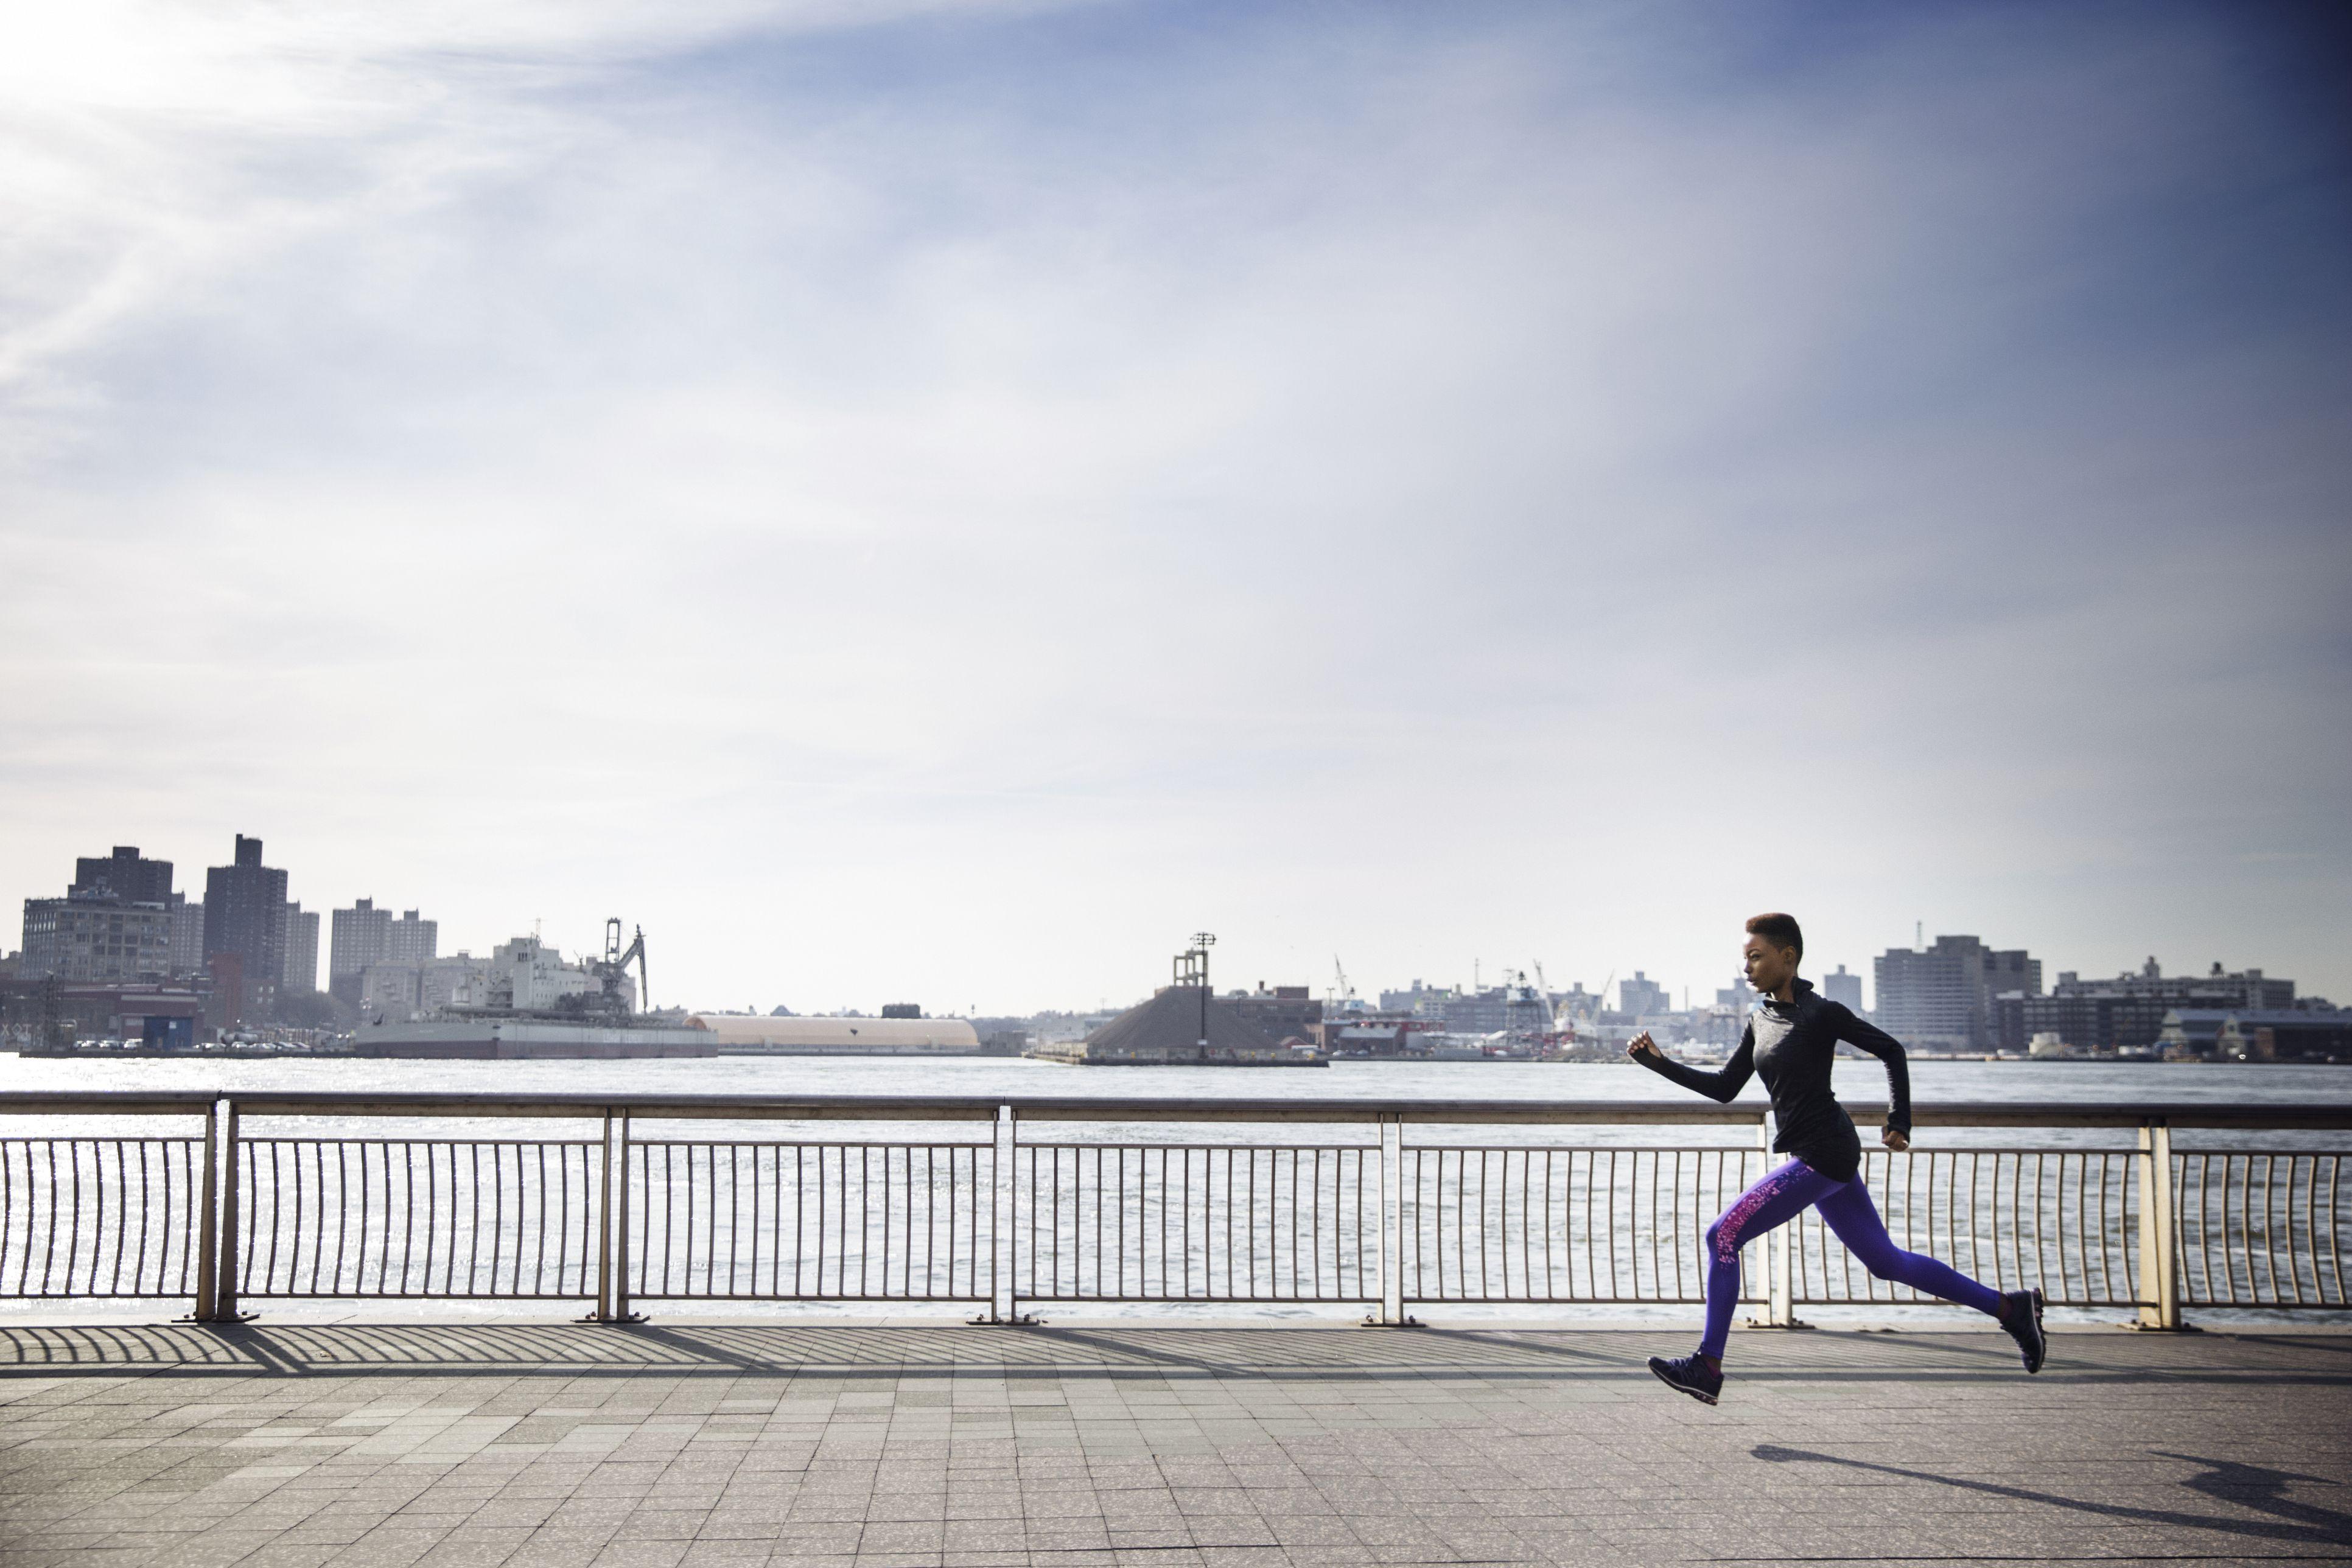 Vista lateral de la atleta femenina determinada que se ejecuta en la acera por el río contra el cielo